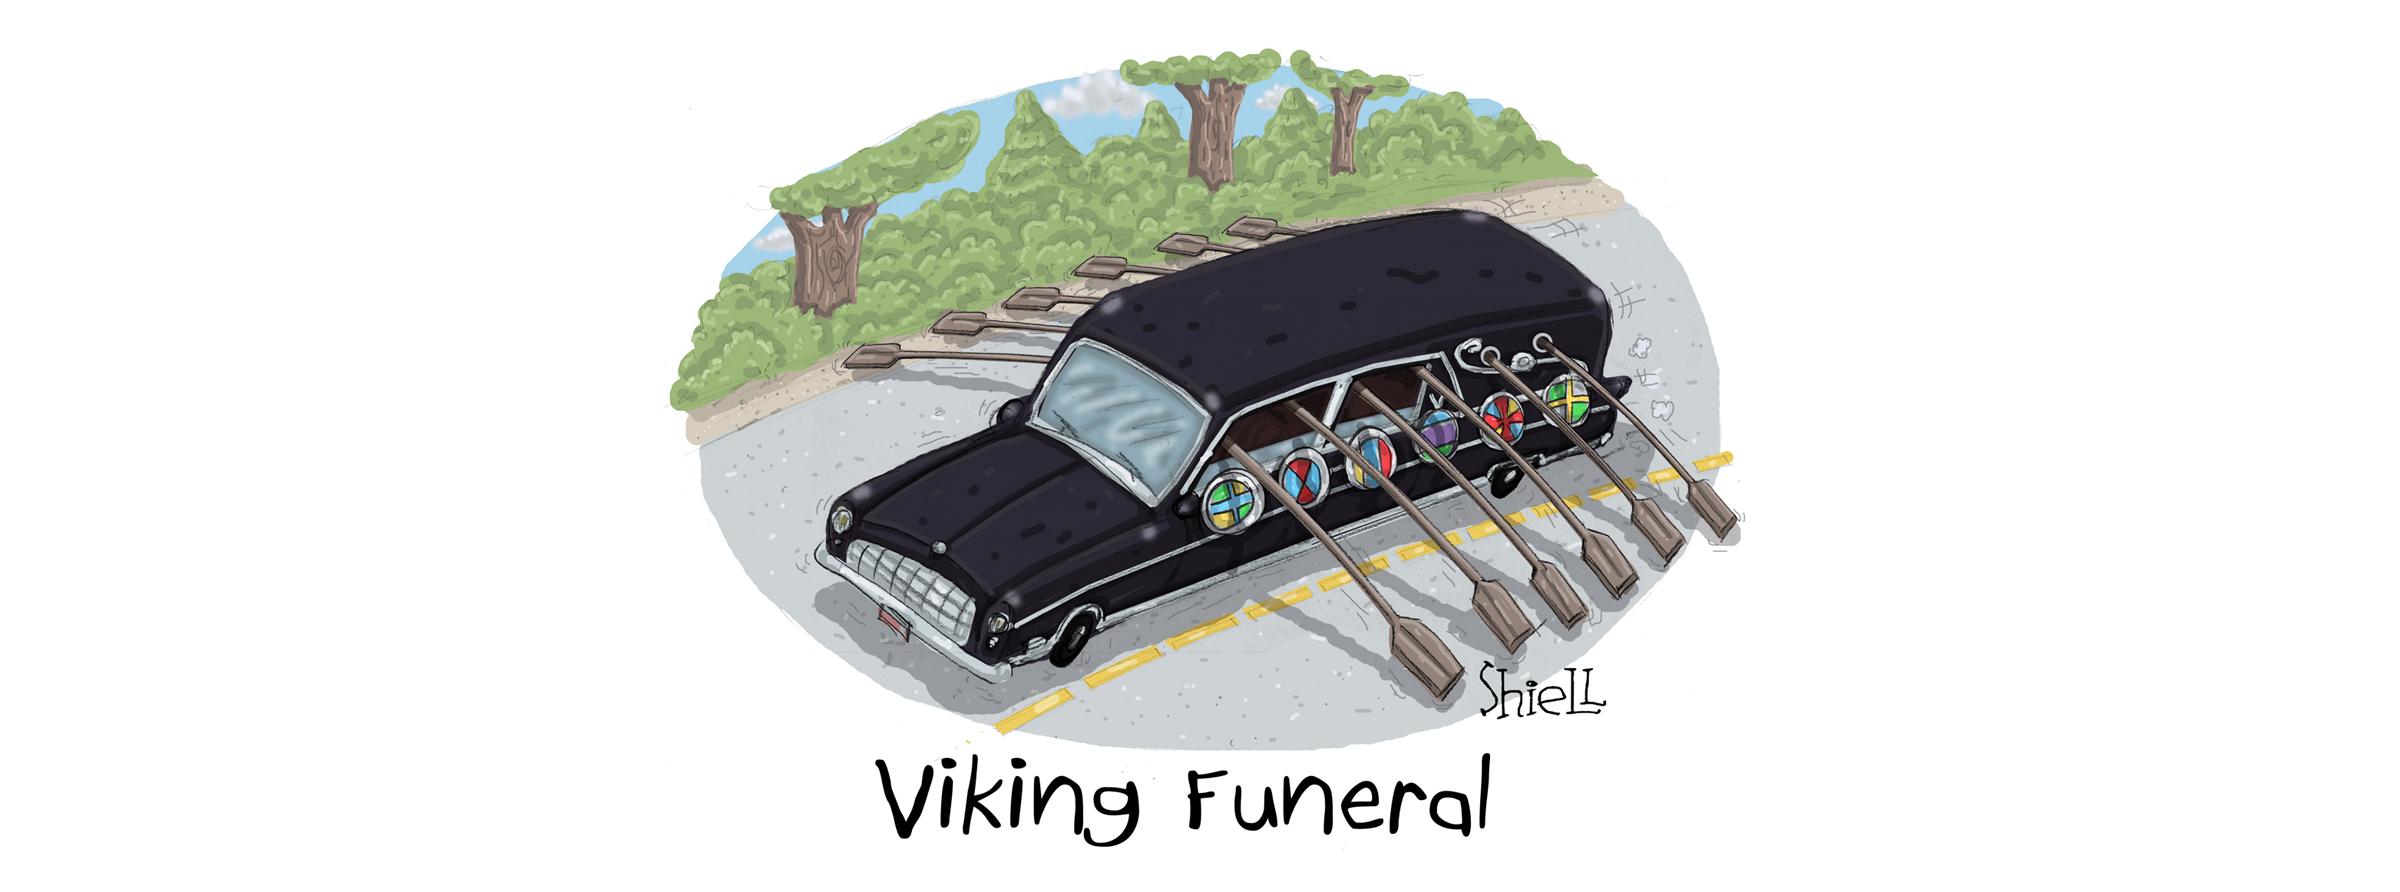 16_Viking_Funeral_06.jpg